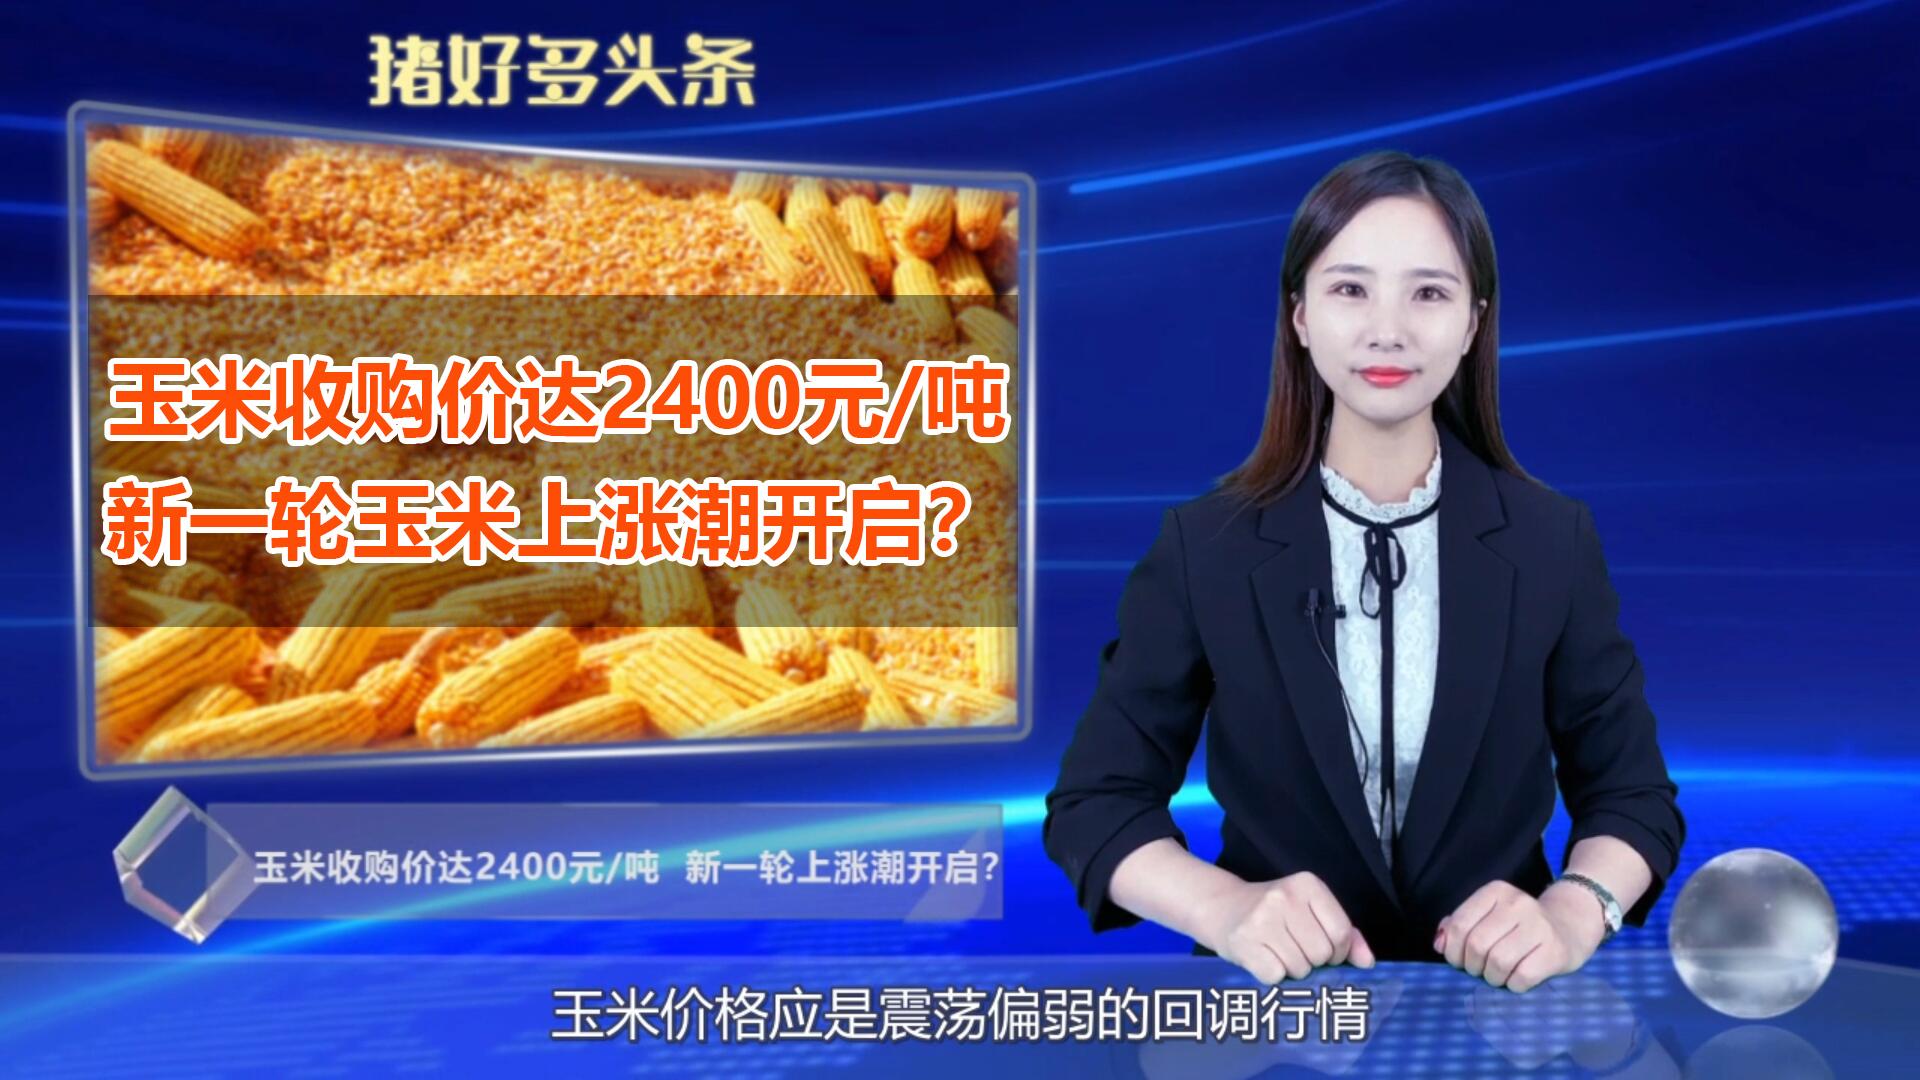 中储粮开收玉米了!收购价达2400元/吨,新一轮玉米上涨潮开启?